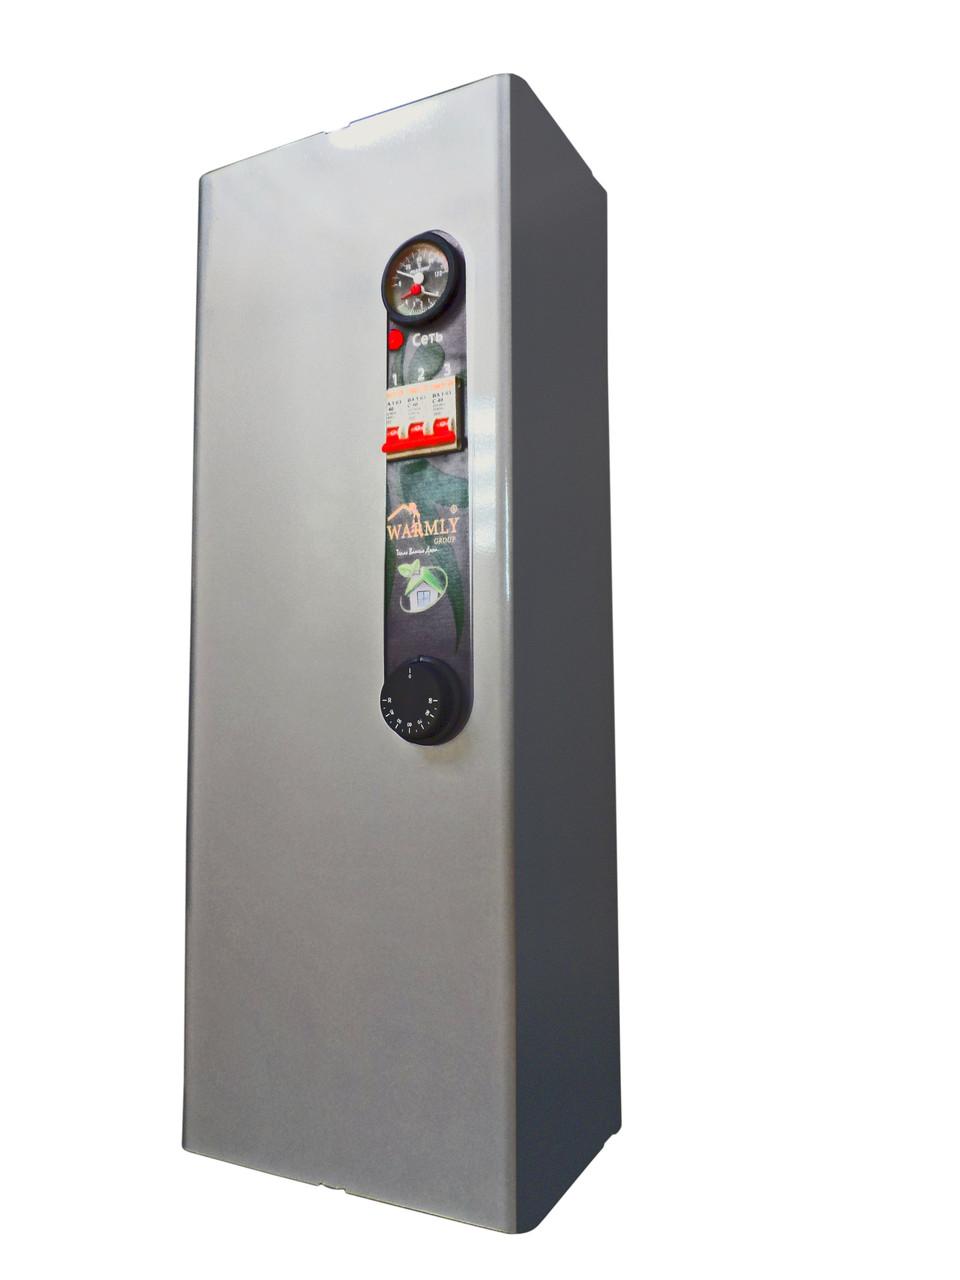 Котел электрический Warmly Classik MgS WCSMgS 4.5 кВт/220в(380в) (cot-0010)